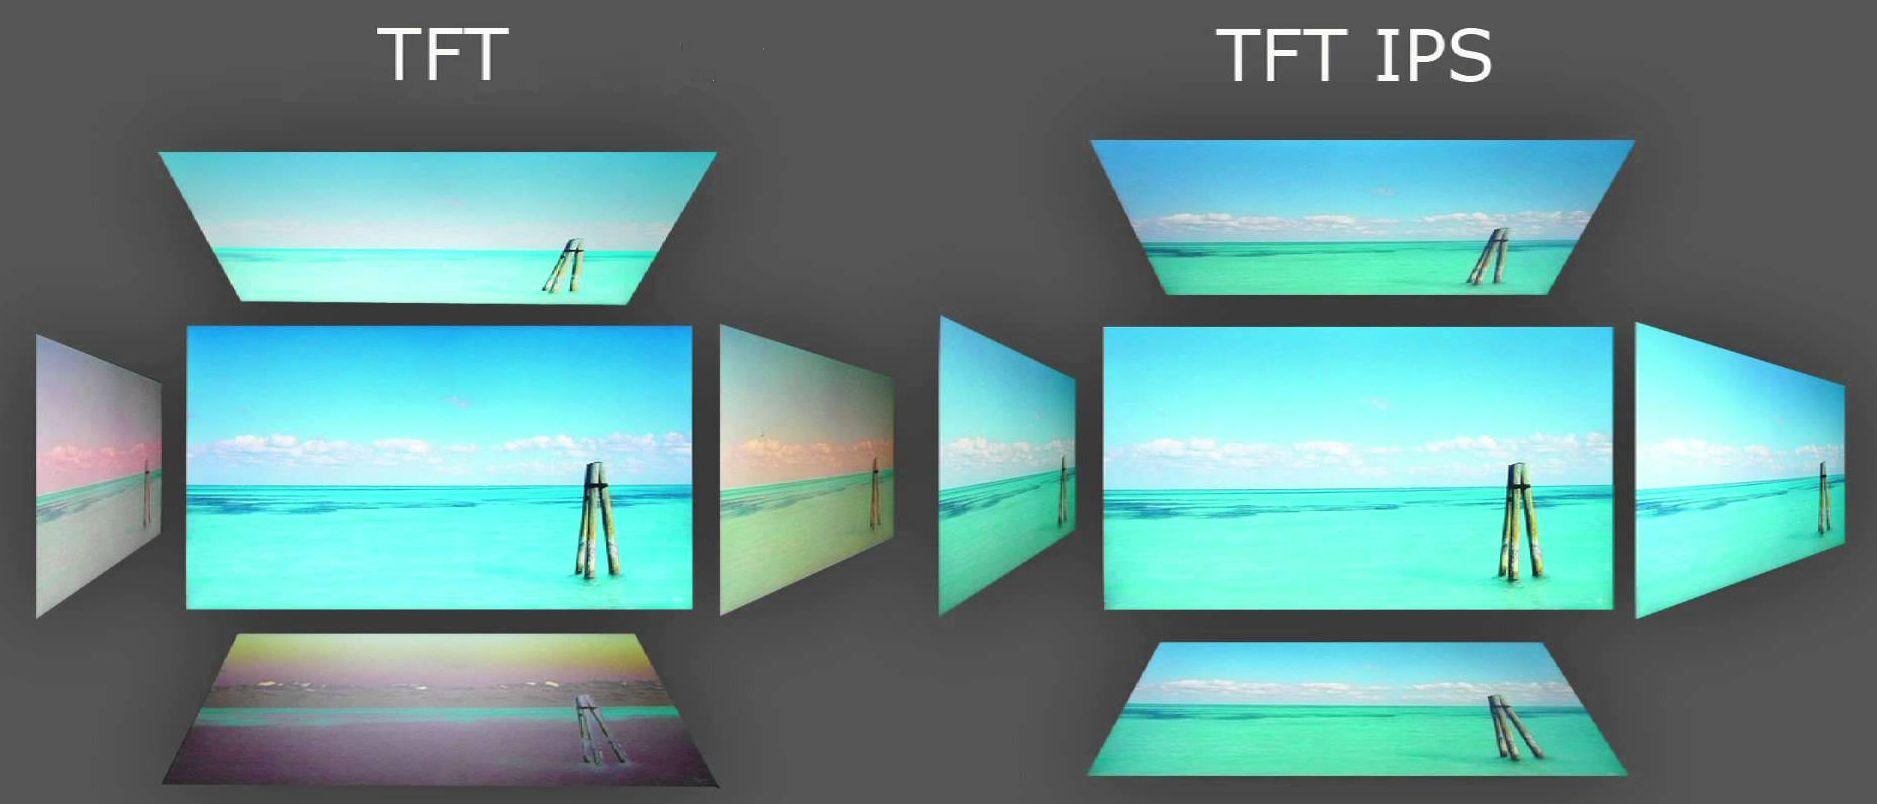 صفحه نمایش ips یا tft